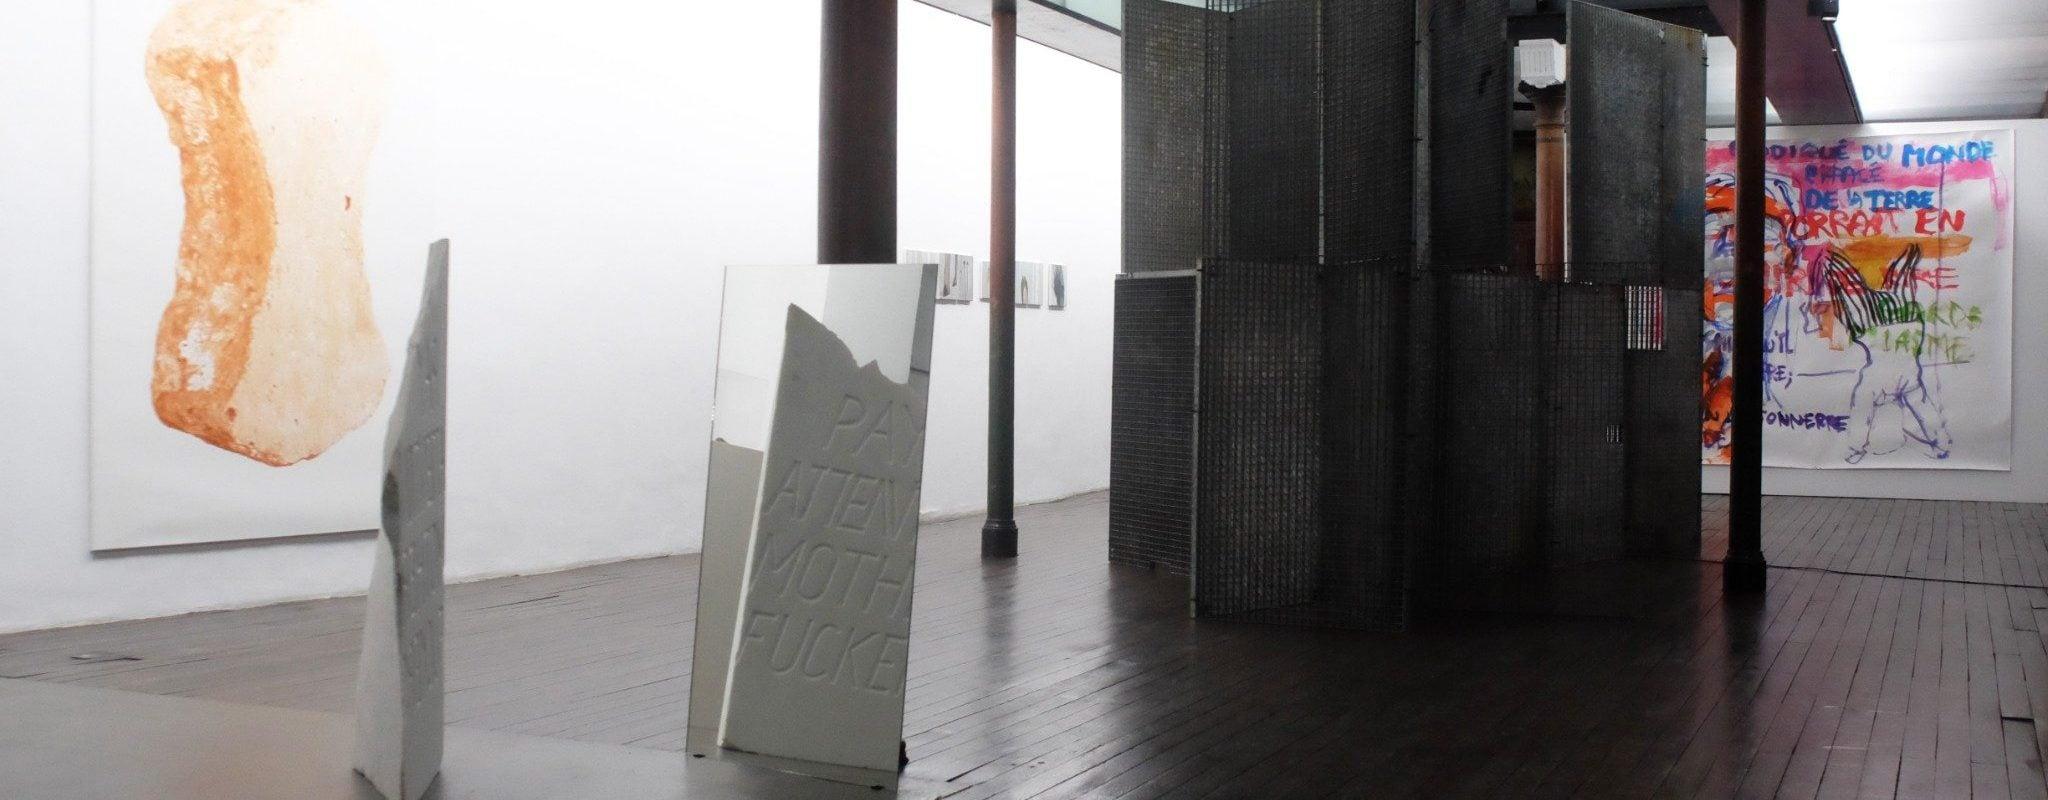 «Il ne faut pas en vouloir aux événements»: une exposition énigmatique au CEAAC